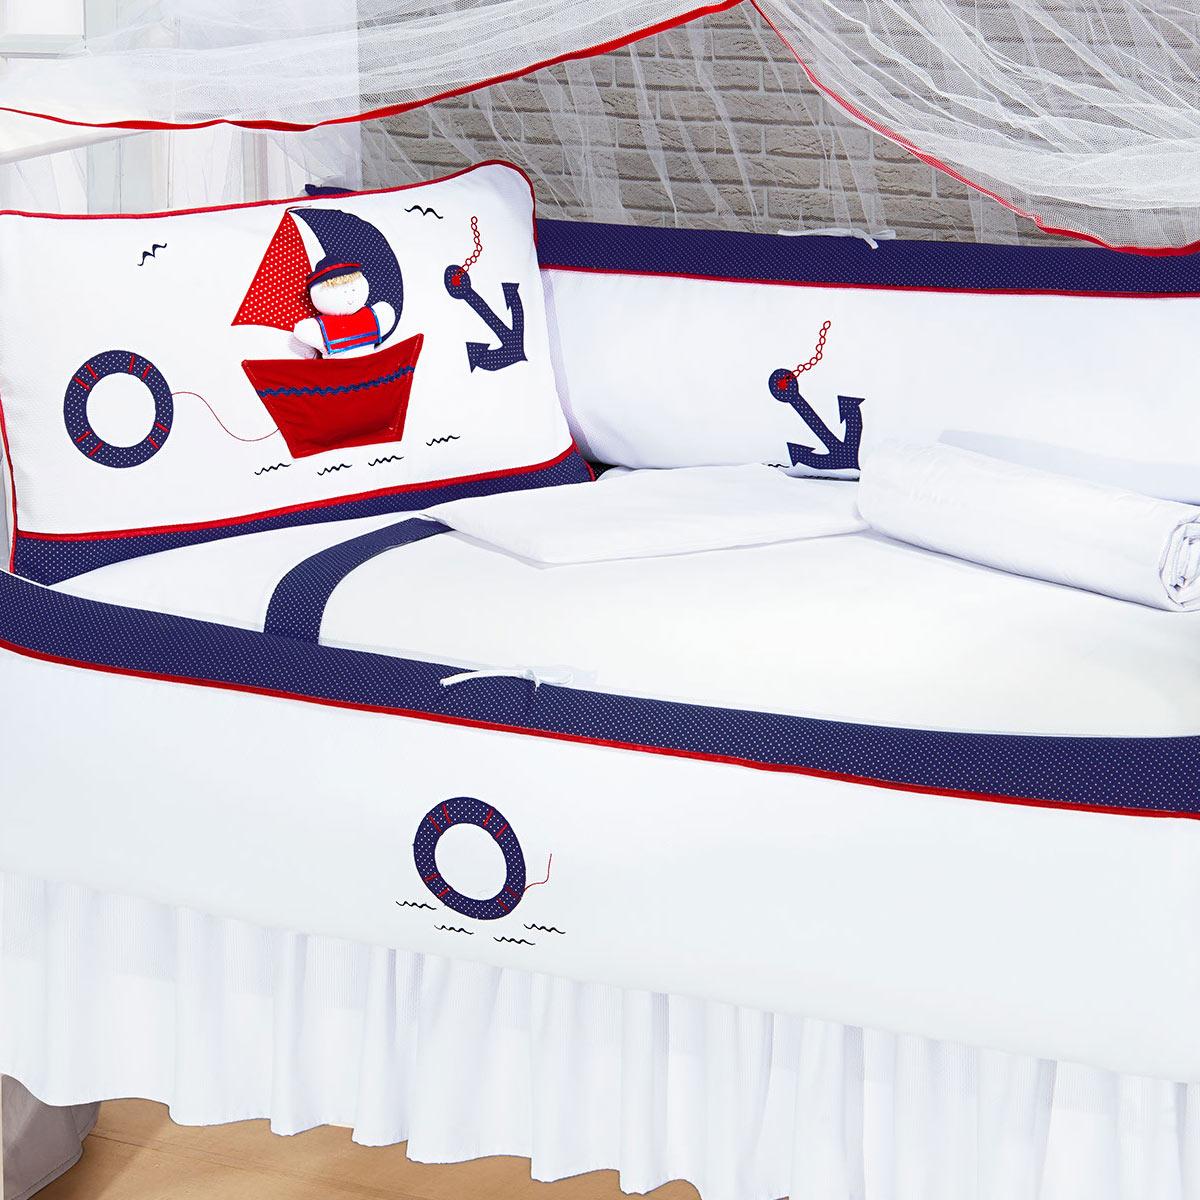 Kit Enxoval / Berço Bebê Alto Mar com Marinheiro Azul e Branco com 9 peças Algodão